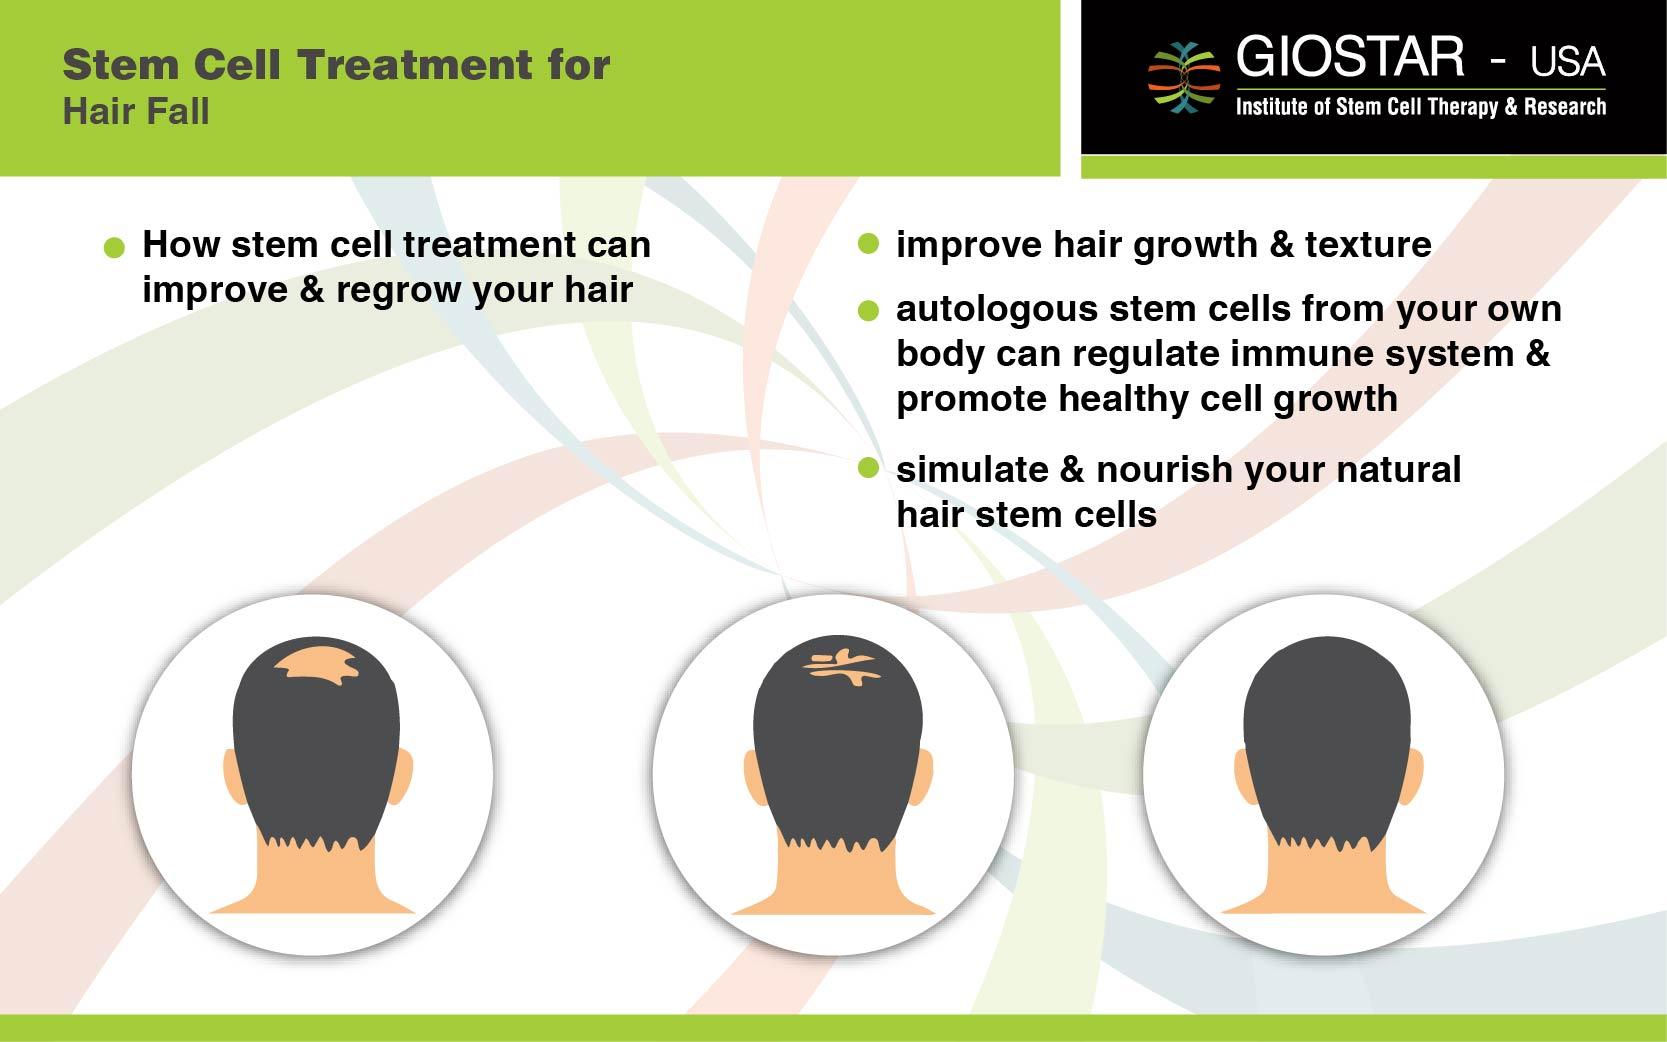 Stem Cell Treatment For Hair Loss Giostar